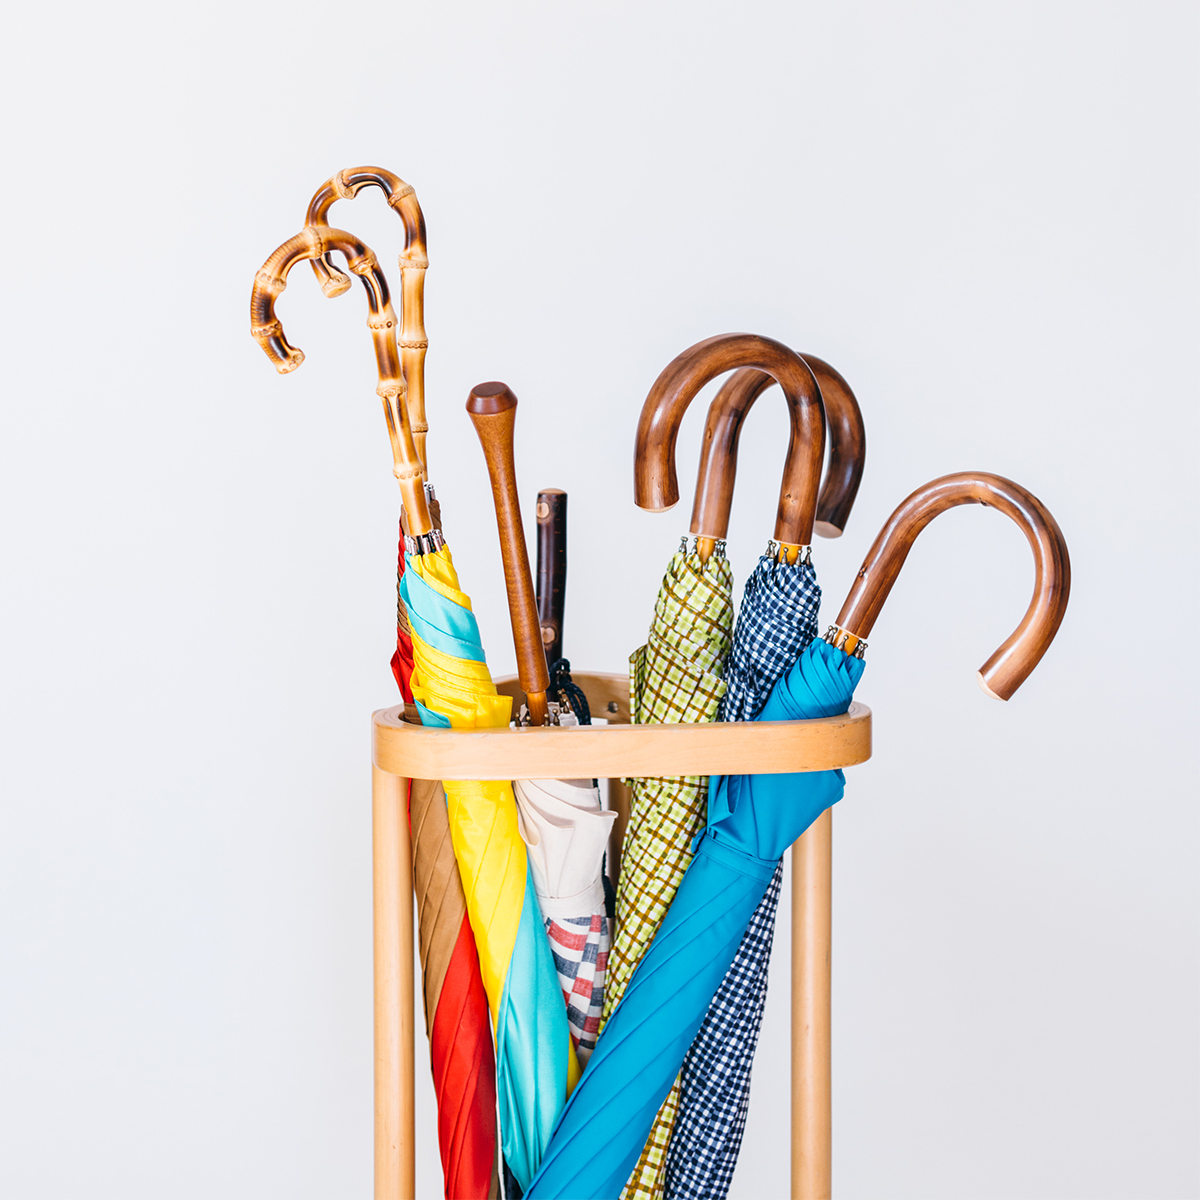 目の覚めるような色づかいに、繊細な刺繍。毎日が楽しくなるお洒落で愛らしい「日傘・長傘」|BON BON STORE